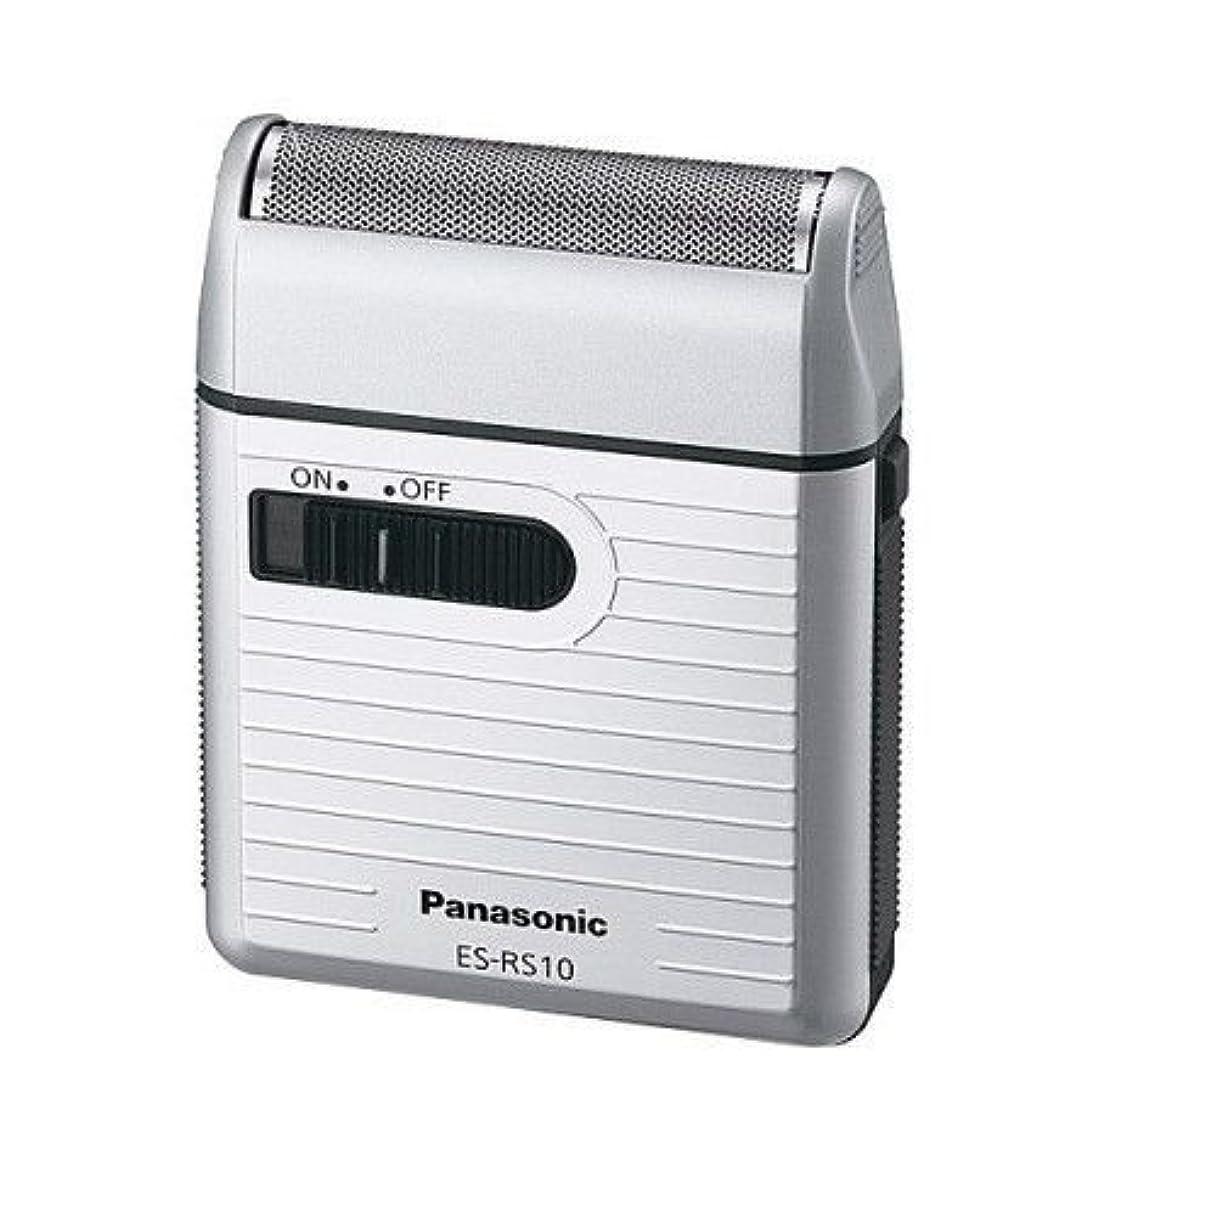 レース人類芸術Panasonic ES-RS10-S ンズポケットシェーバーシルバー ESRS10 日本製 [並行輸入品]